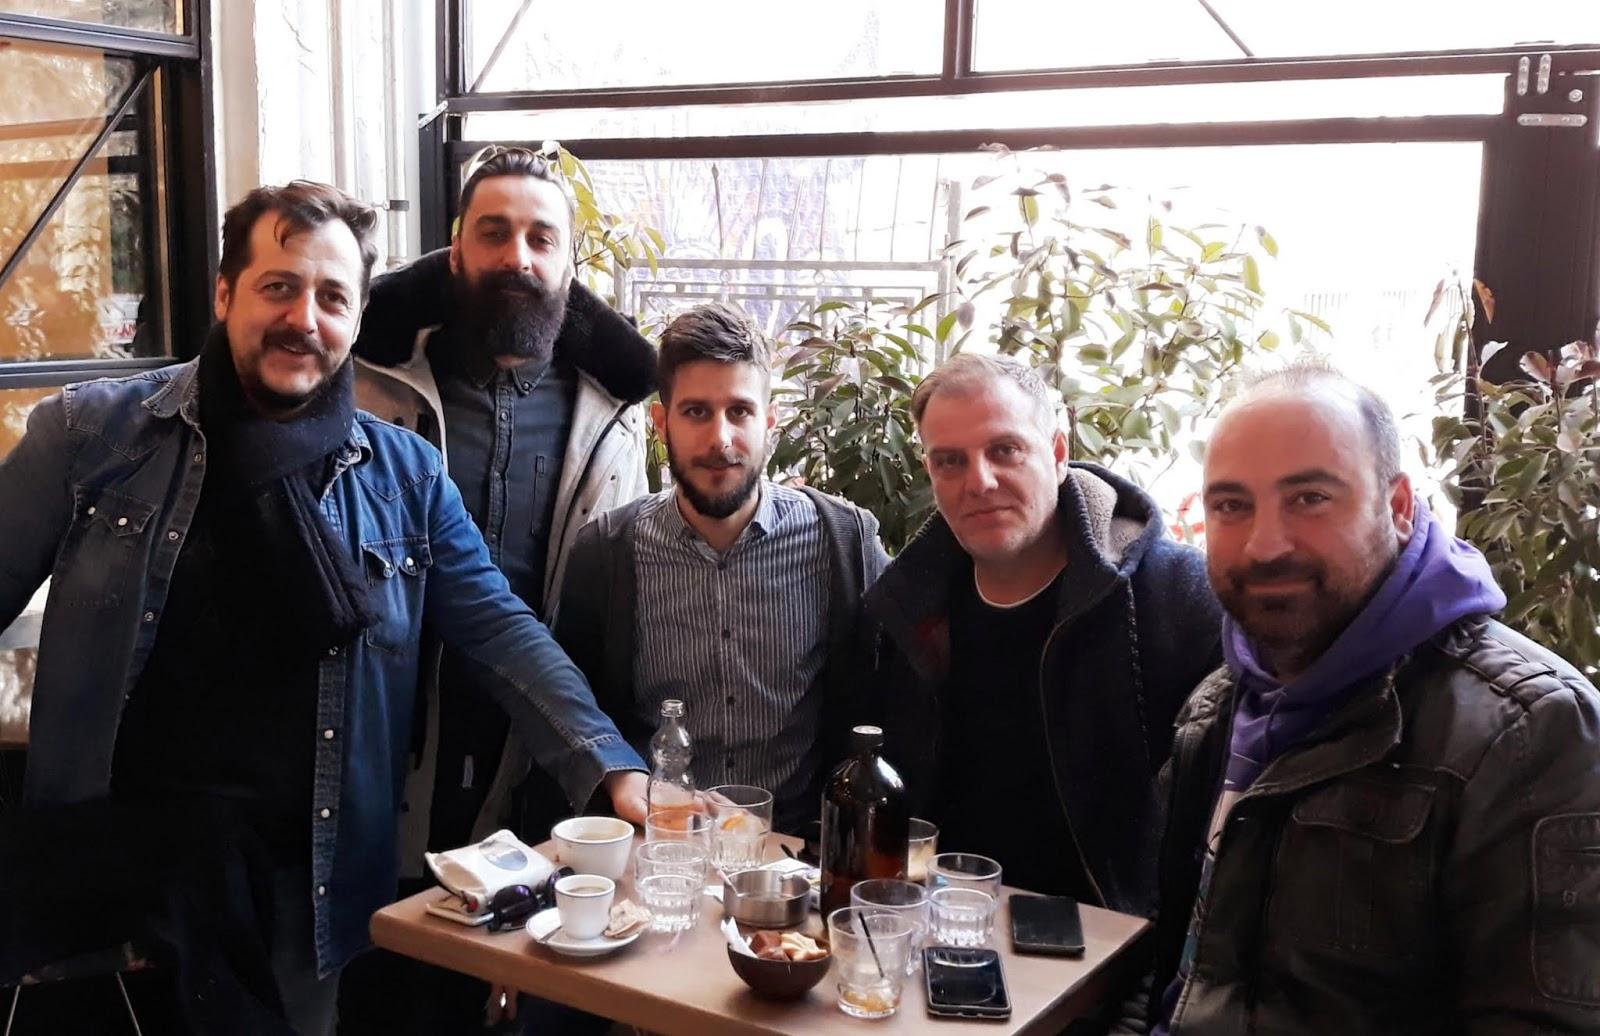 Συνάντηση του Νίκου Γαμβρούλα με το Δ.Σ. του Συνδέσμου ιδιοκτητών καφέ – μπαρ και καφετεριών ν. Λάρισας